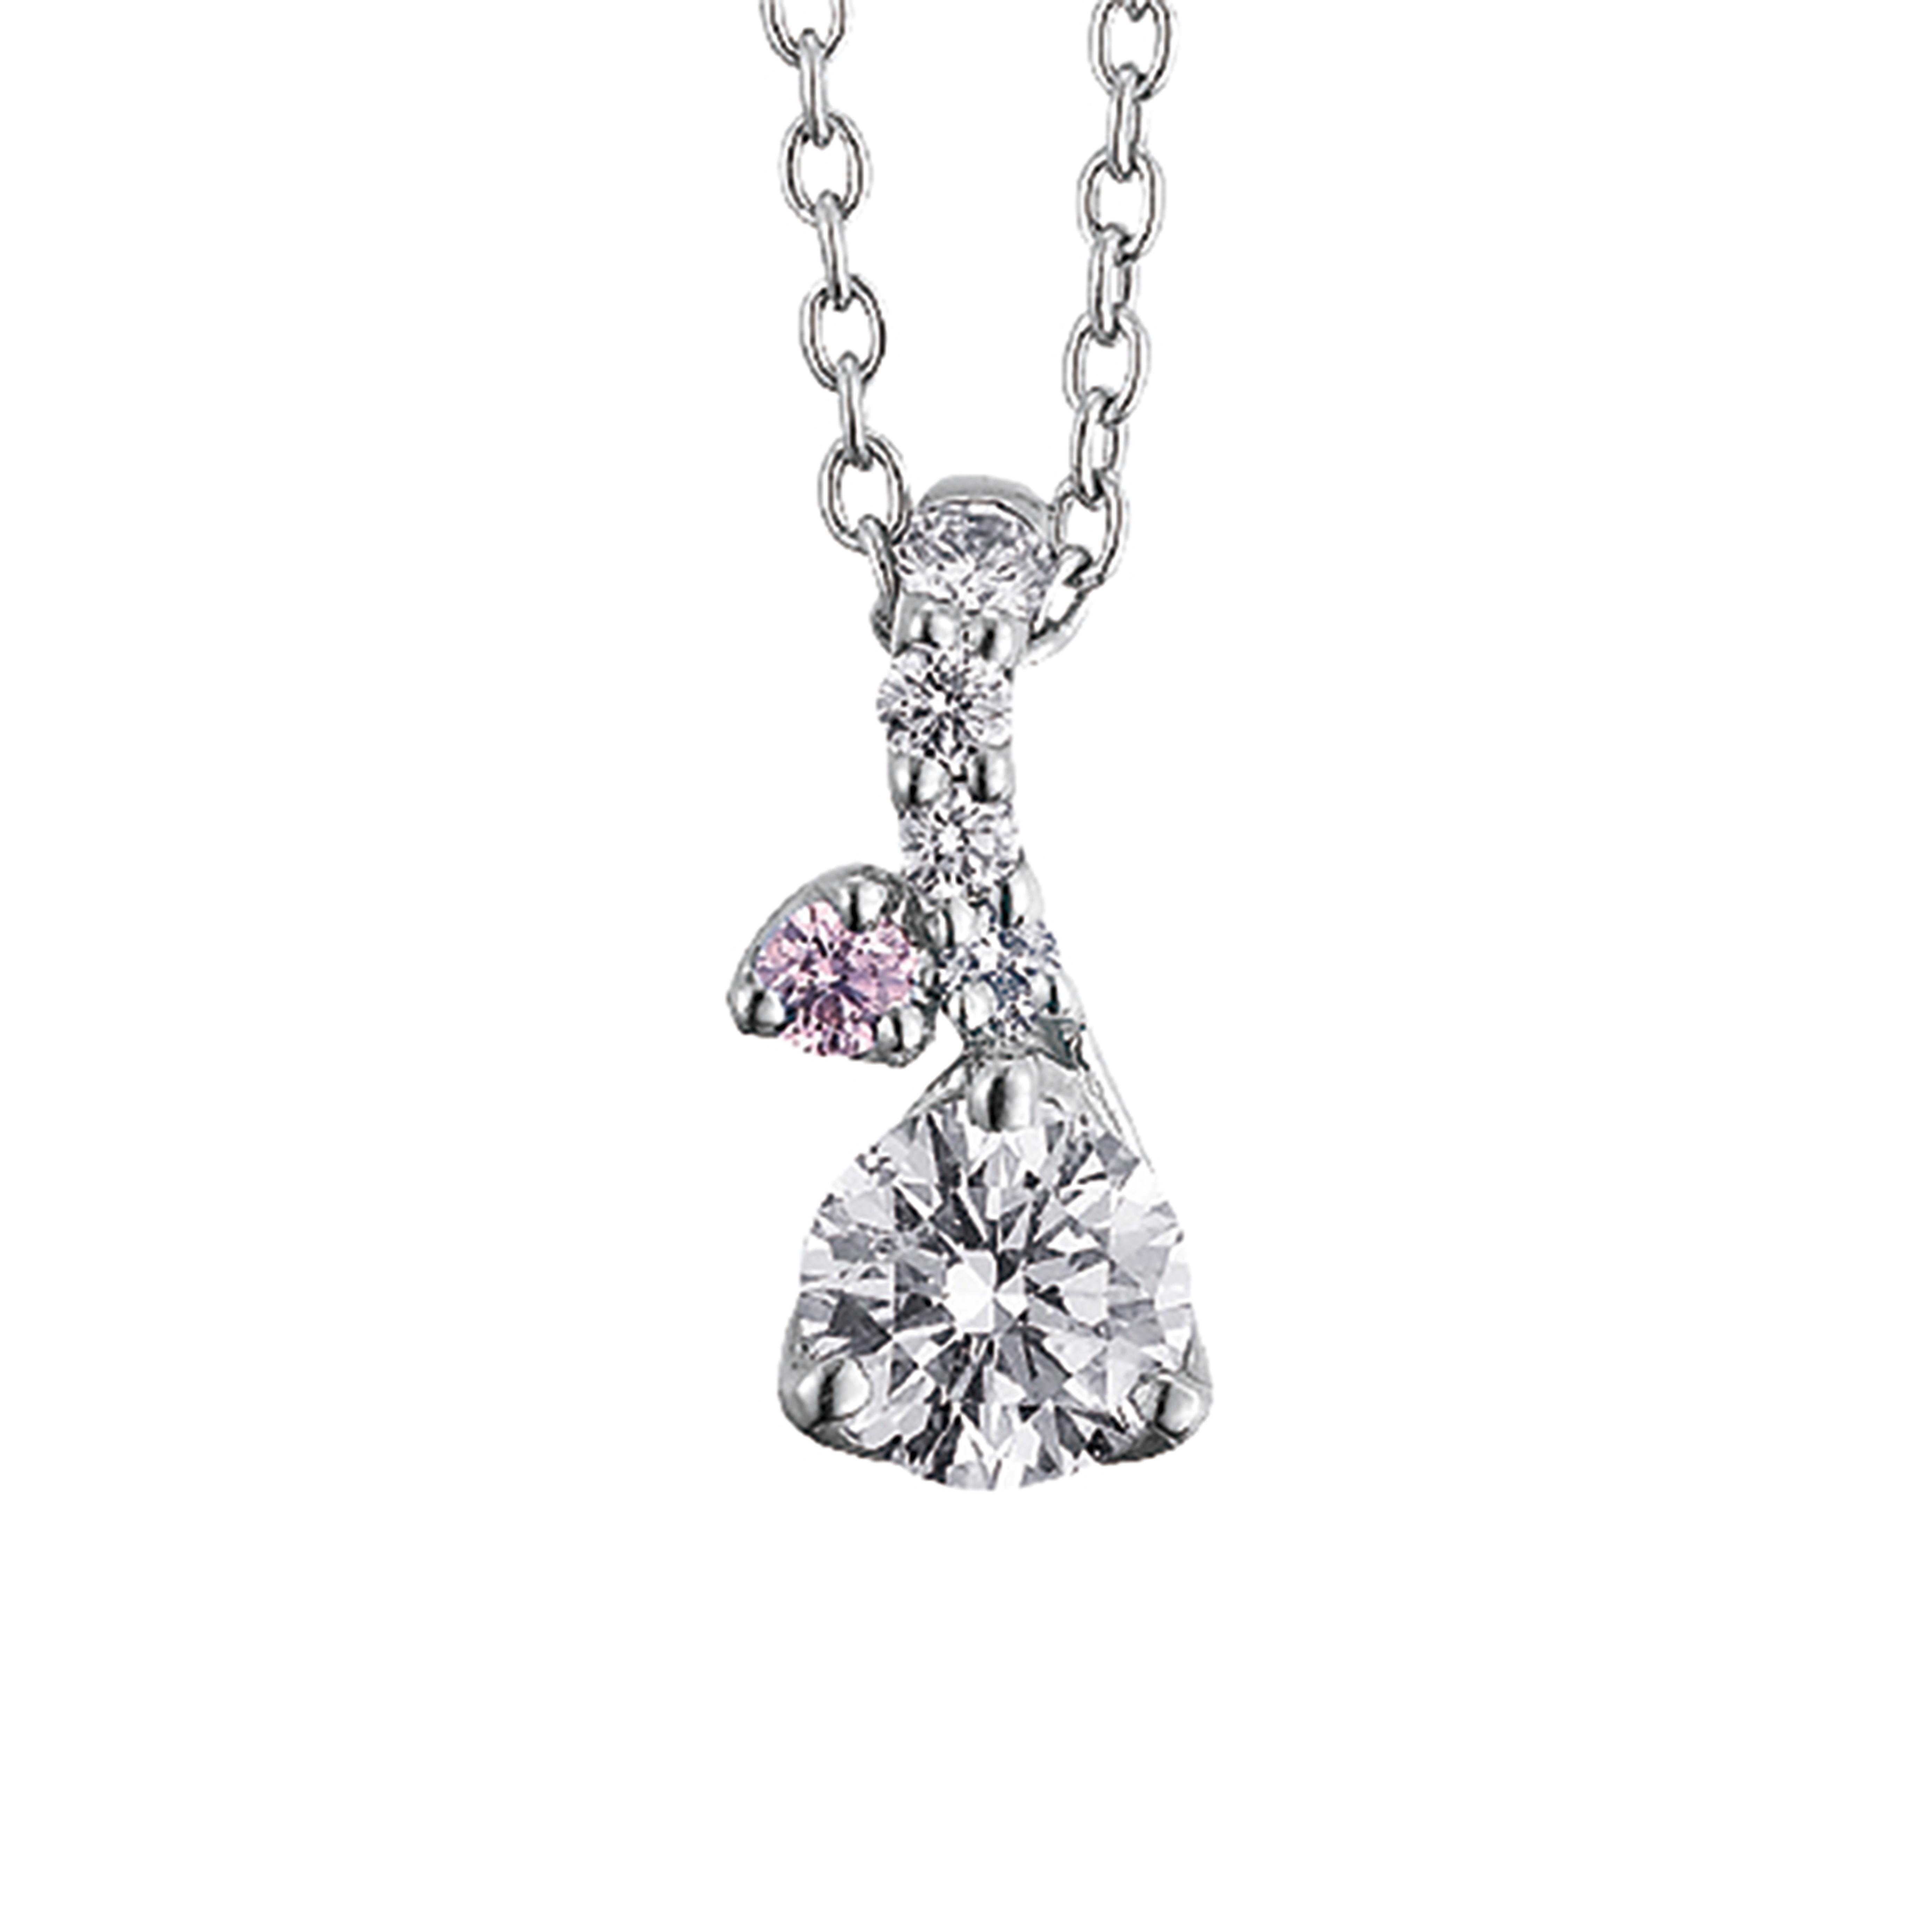 マーメイドをイメージしたピンクダイヤモンドが特徴。緩やかなカーブが女性らしさを出します。